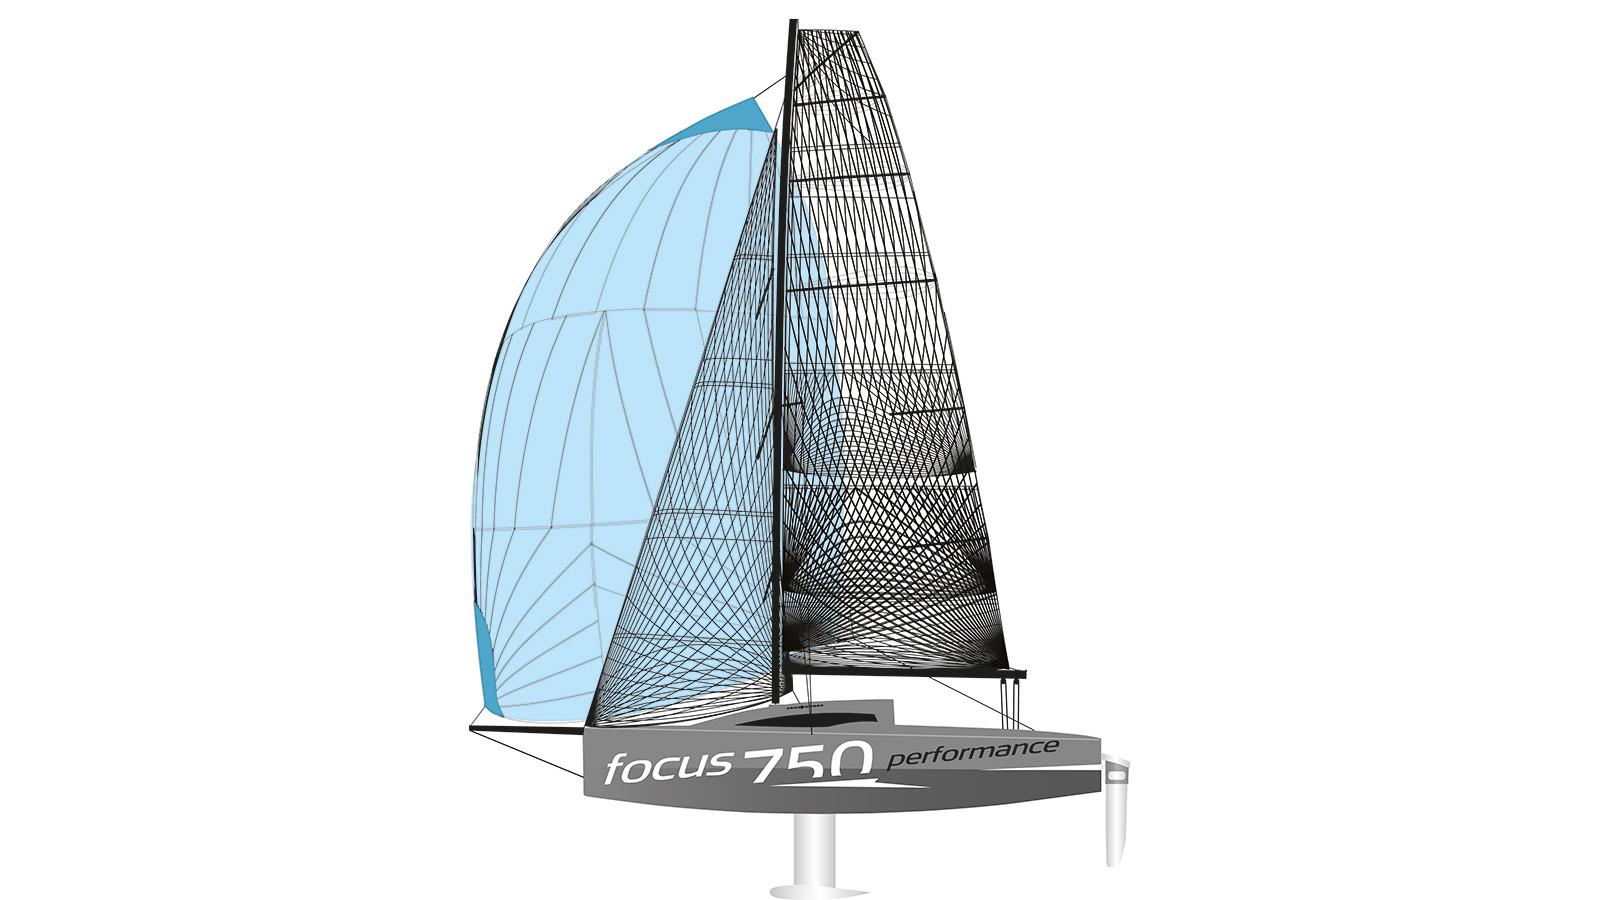 Focus 750 performance - 28